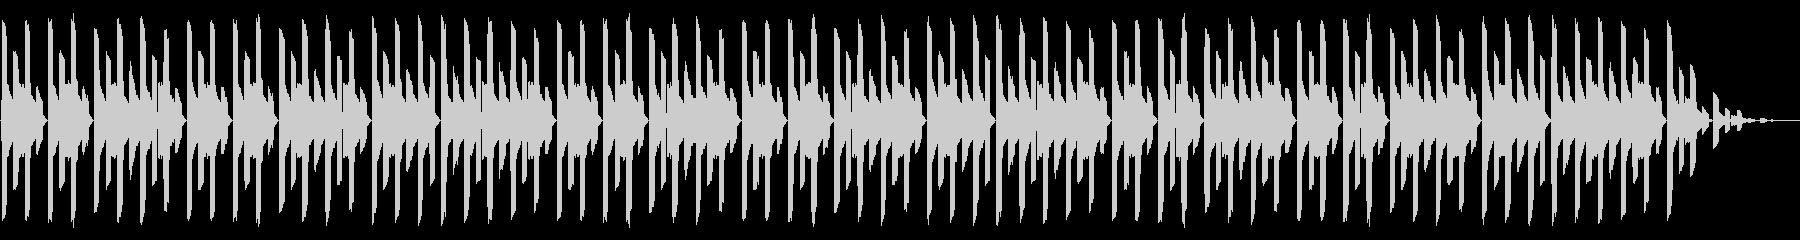 NES RPG A04-1(フィールド)の未再生の波形